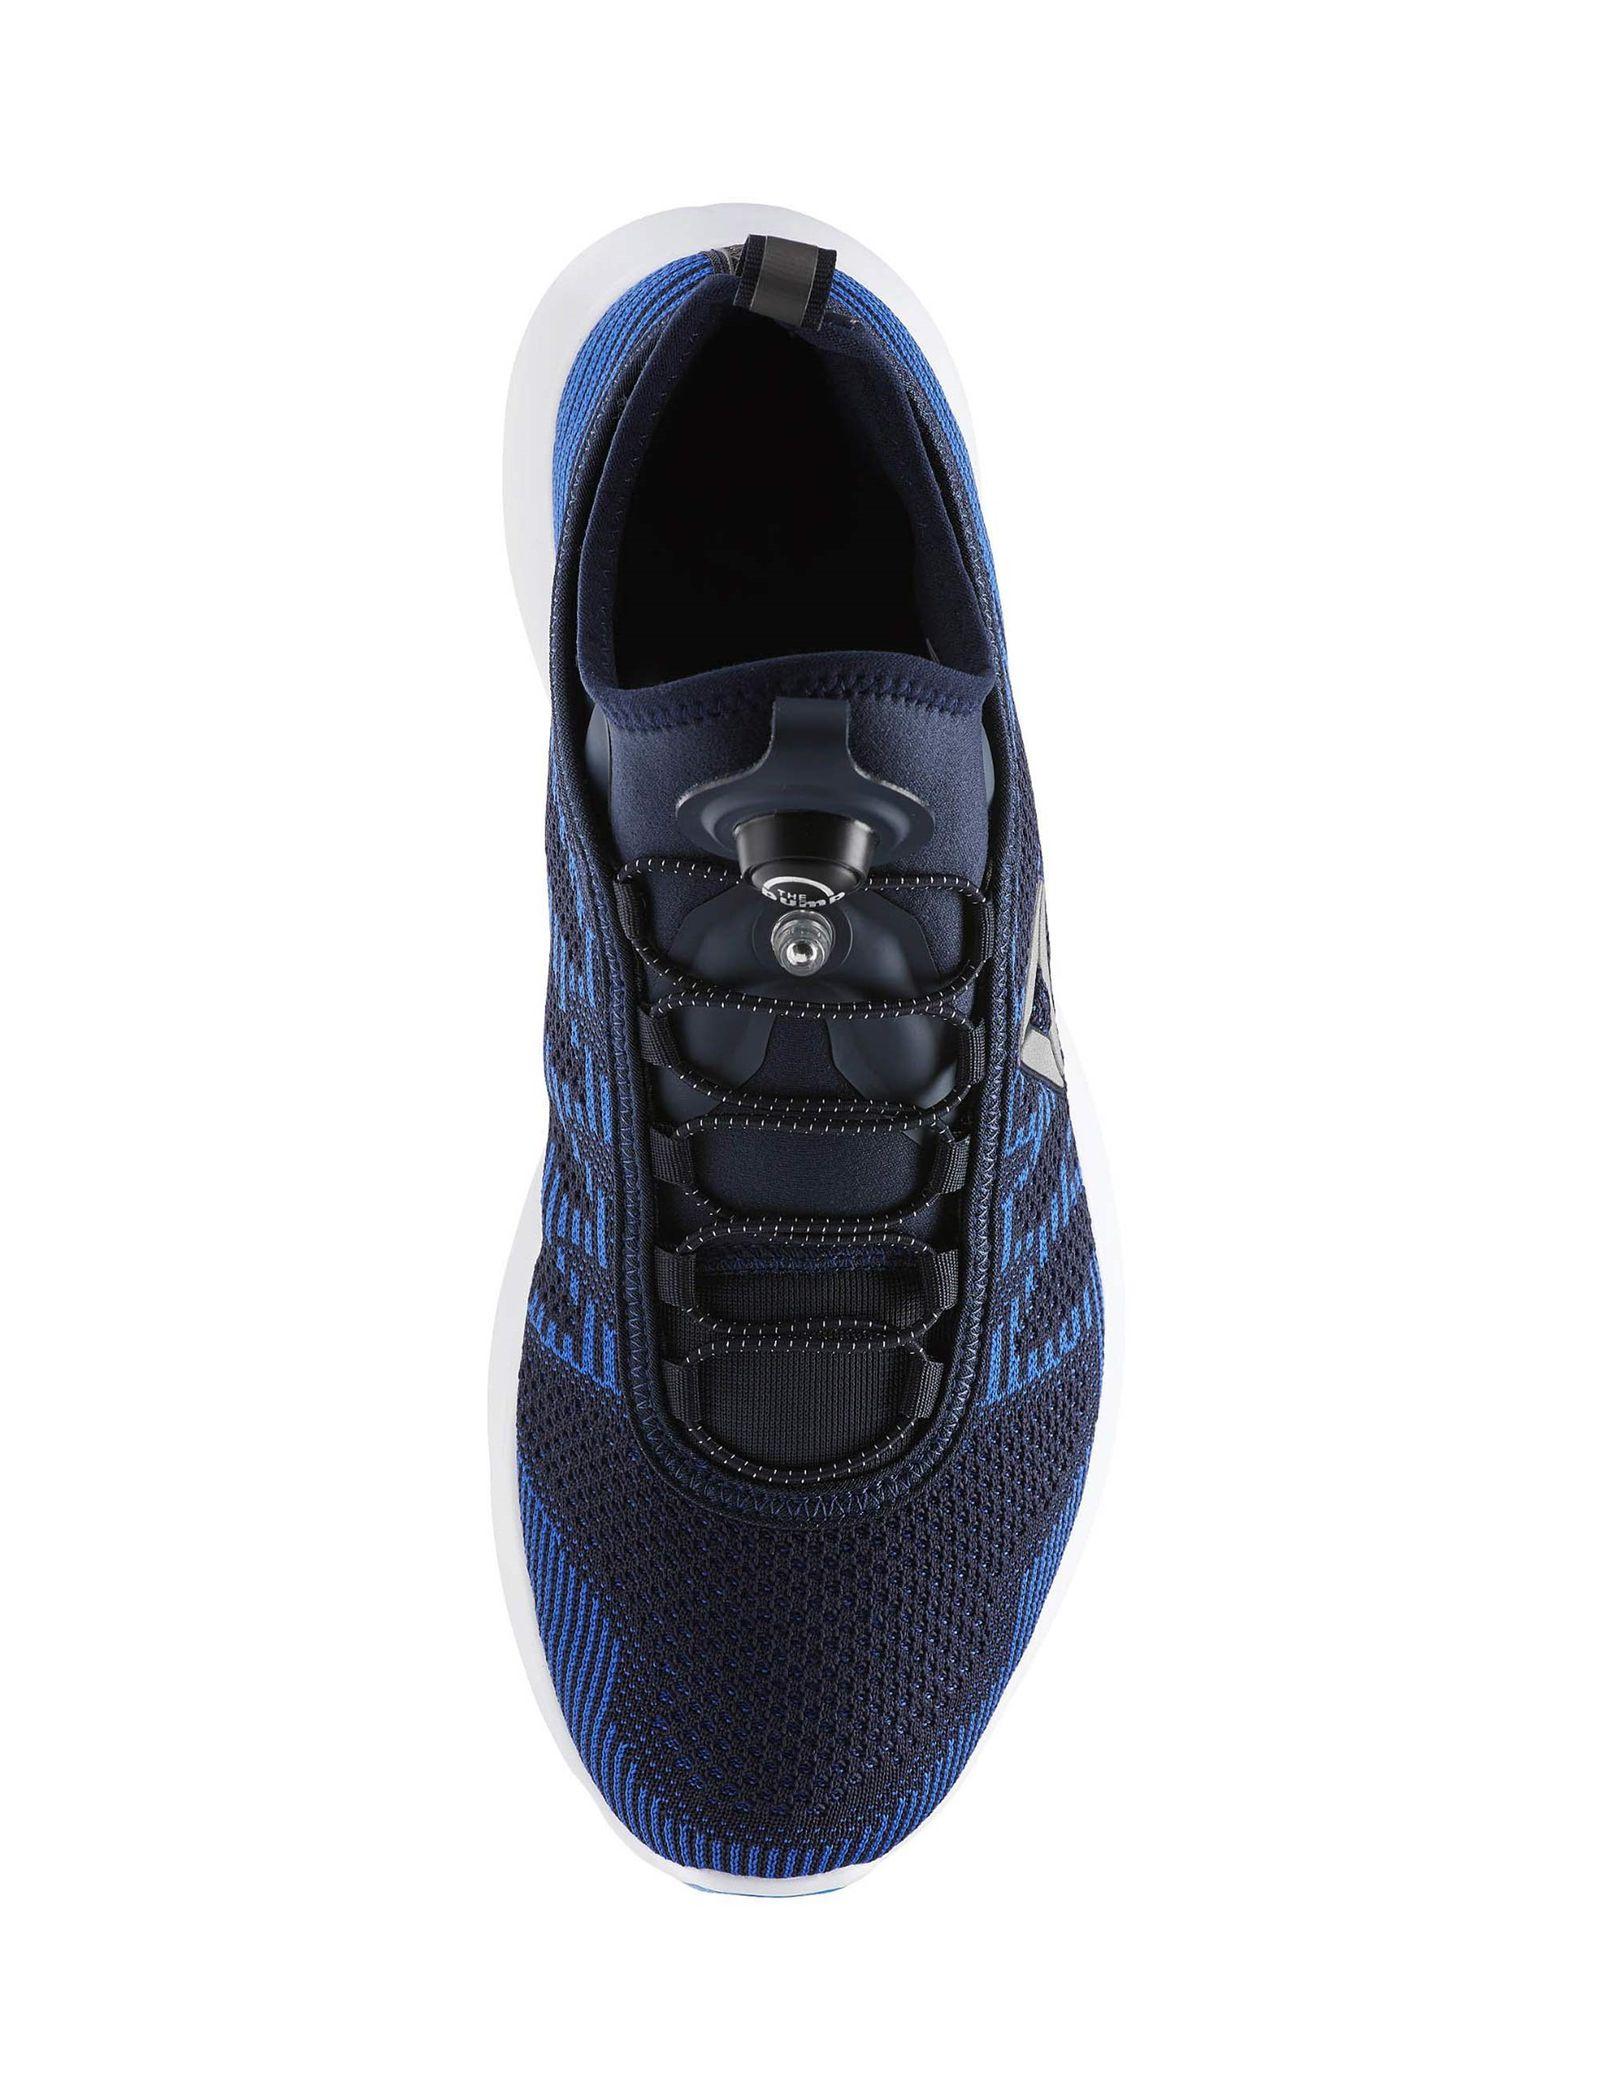 کفش دویدن بندی مردانه Pump Plus Ultraknit - ریباک - آبي سرمه اي - 5